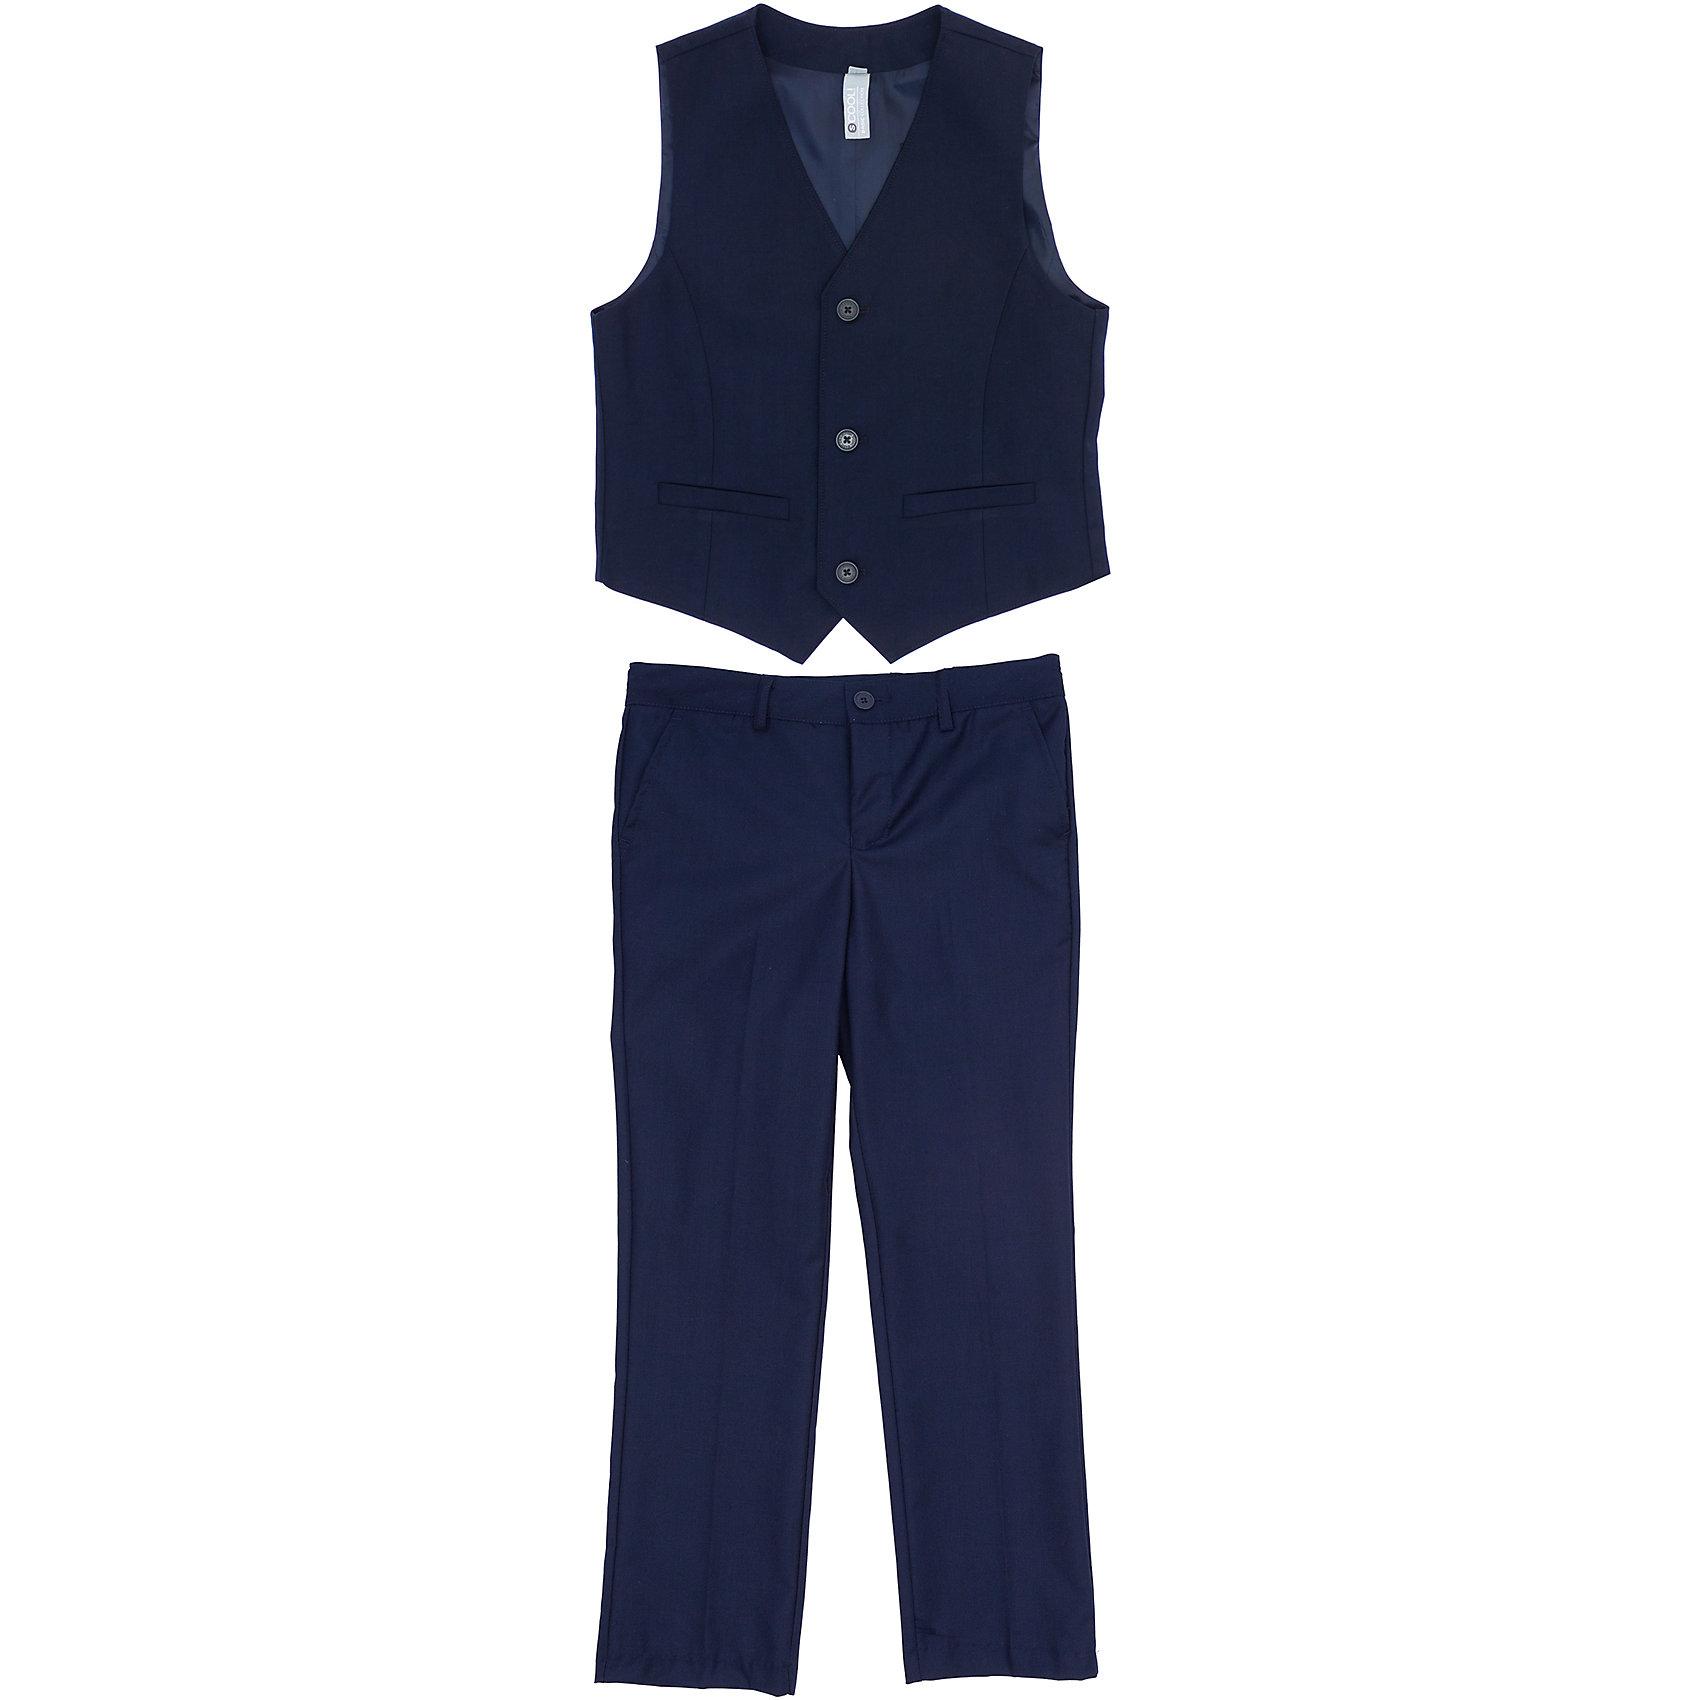 Комплект: жилет и брюки для мальчика ScoolКомплект: жилет и брюки для мальчика от известного бренда Scool<br>Состав:<br>Верх: 65% полиэстер, 35% вискоза, Подкладка: 65% полиэстер 35% вискоза<br>Классический комплект: жилет и брюки со стрелками. Стильный темно-синий цвет позволяет сочетать комплект с любыми рубашками. <br>Жилет на подкладке, застегивается на 3 пуговицы. Украшен декоративными карманами. <br>Брюки застегиваются на молнию и пуговицу, есть шлевки для ремня. Спереди 2 функциональных кармана.<br><br>Ширина мм: 247<br>Глубина мм: 16<br>Высота мм: 140<br>Вес г: 225<br>Цвет: полуночно-синий<br>Возраст от месяцев: 144<br>Возраст до месяцев: 156<br>Пол: Мужской<br>Возраст: Детский<br>Размер: 158,152,146,140,128,122,134,164<br>SKU: 4686715